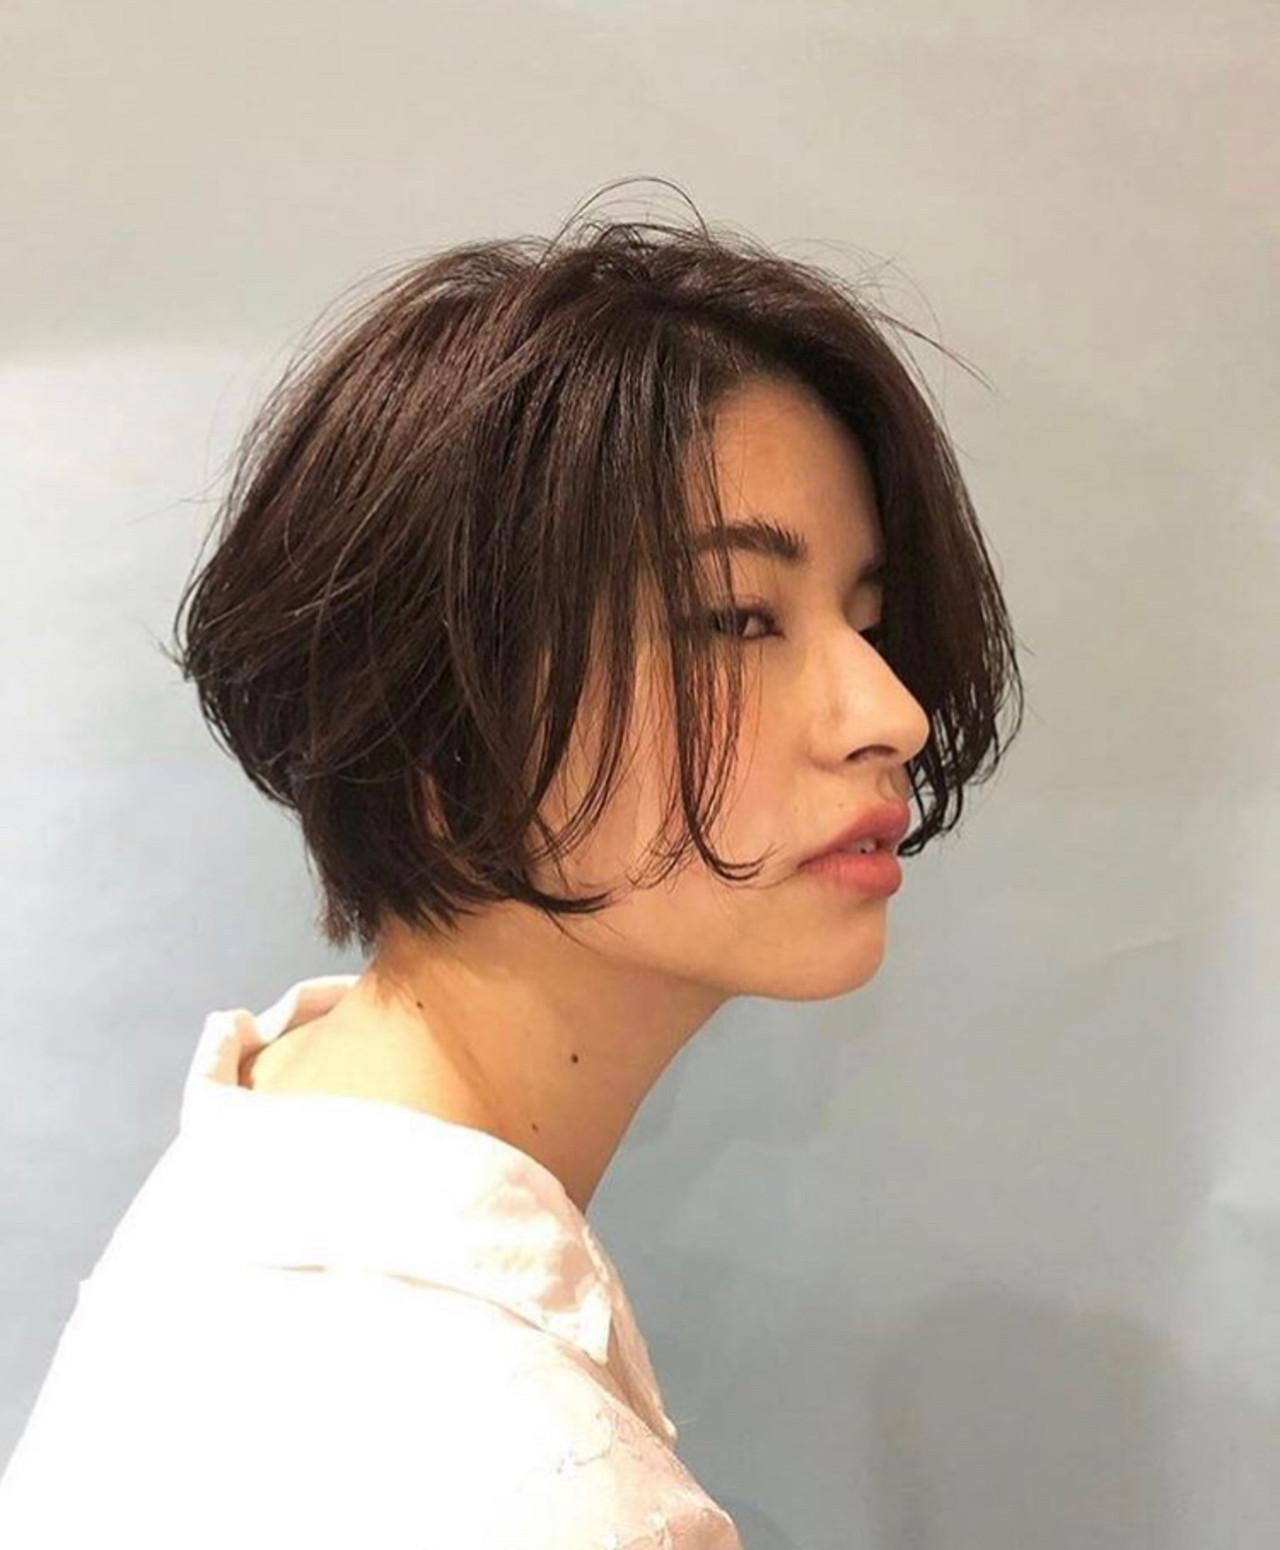 ショートボブ ショートヘア 小顔ショート 小顔ヘア ヘアスタイルや髪型の写真・画像